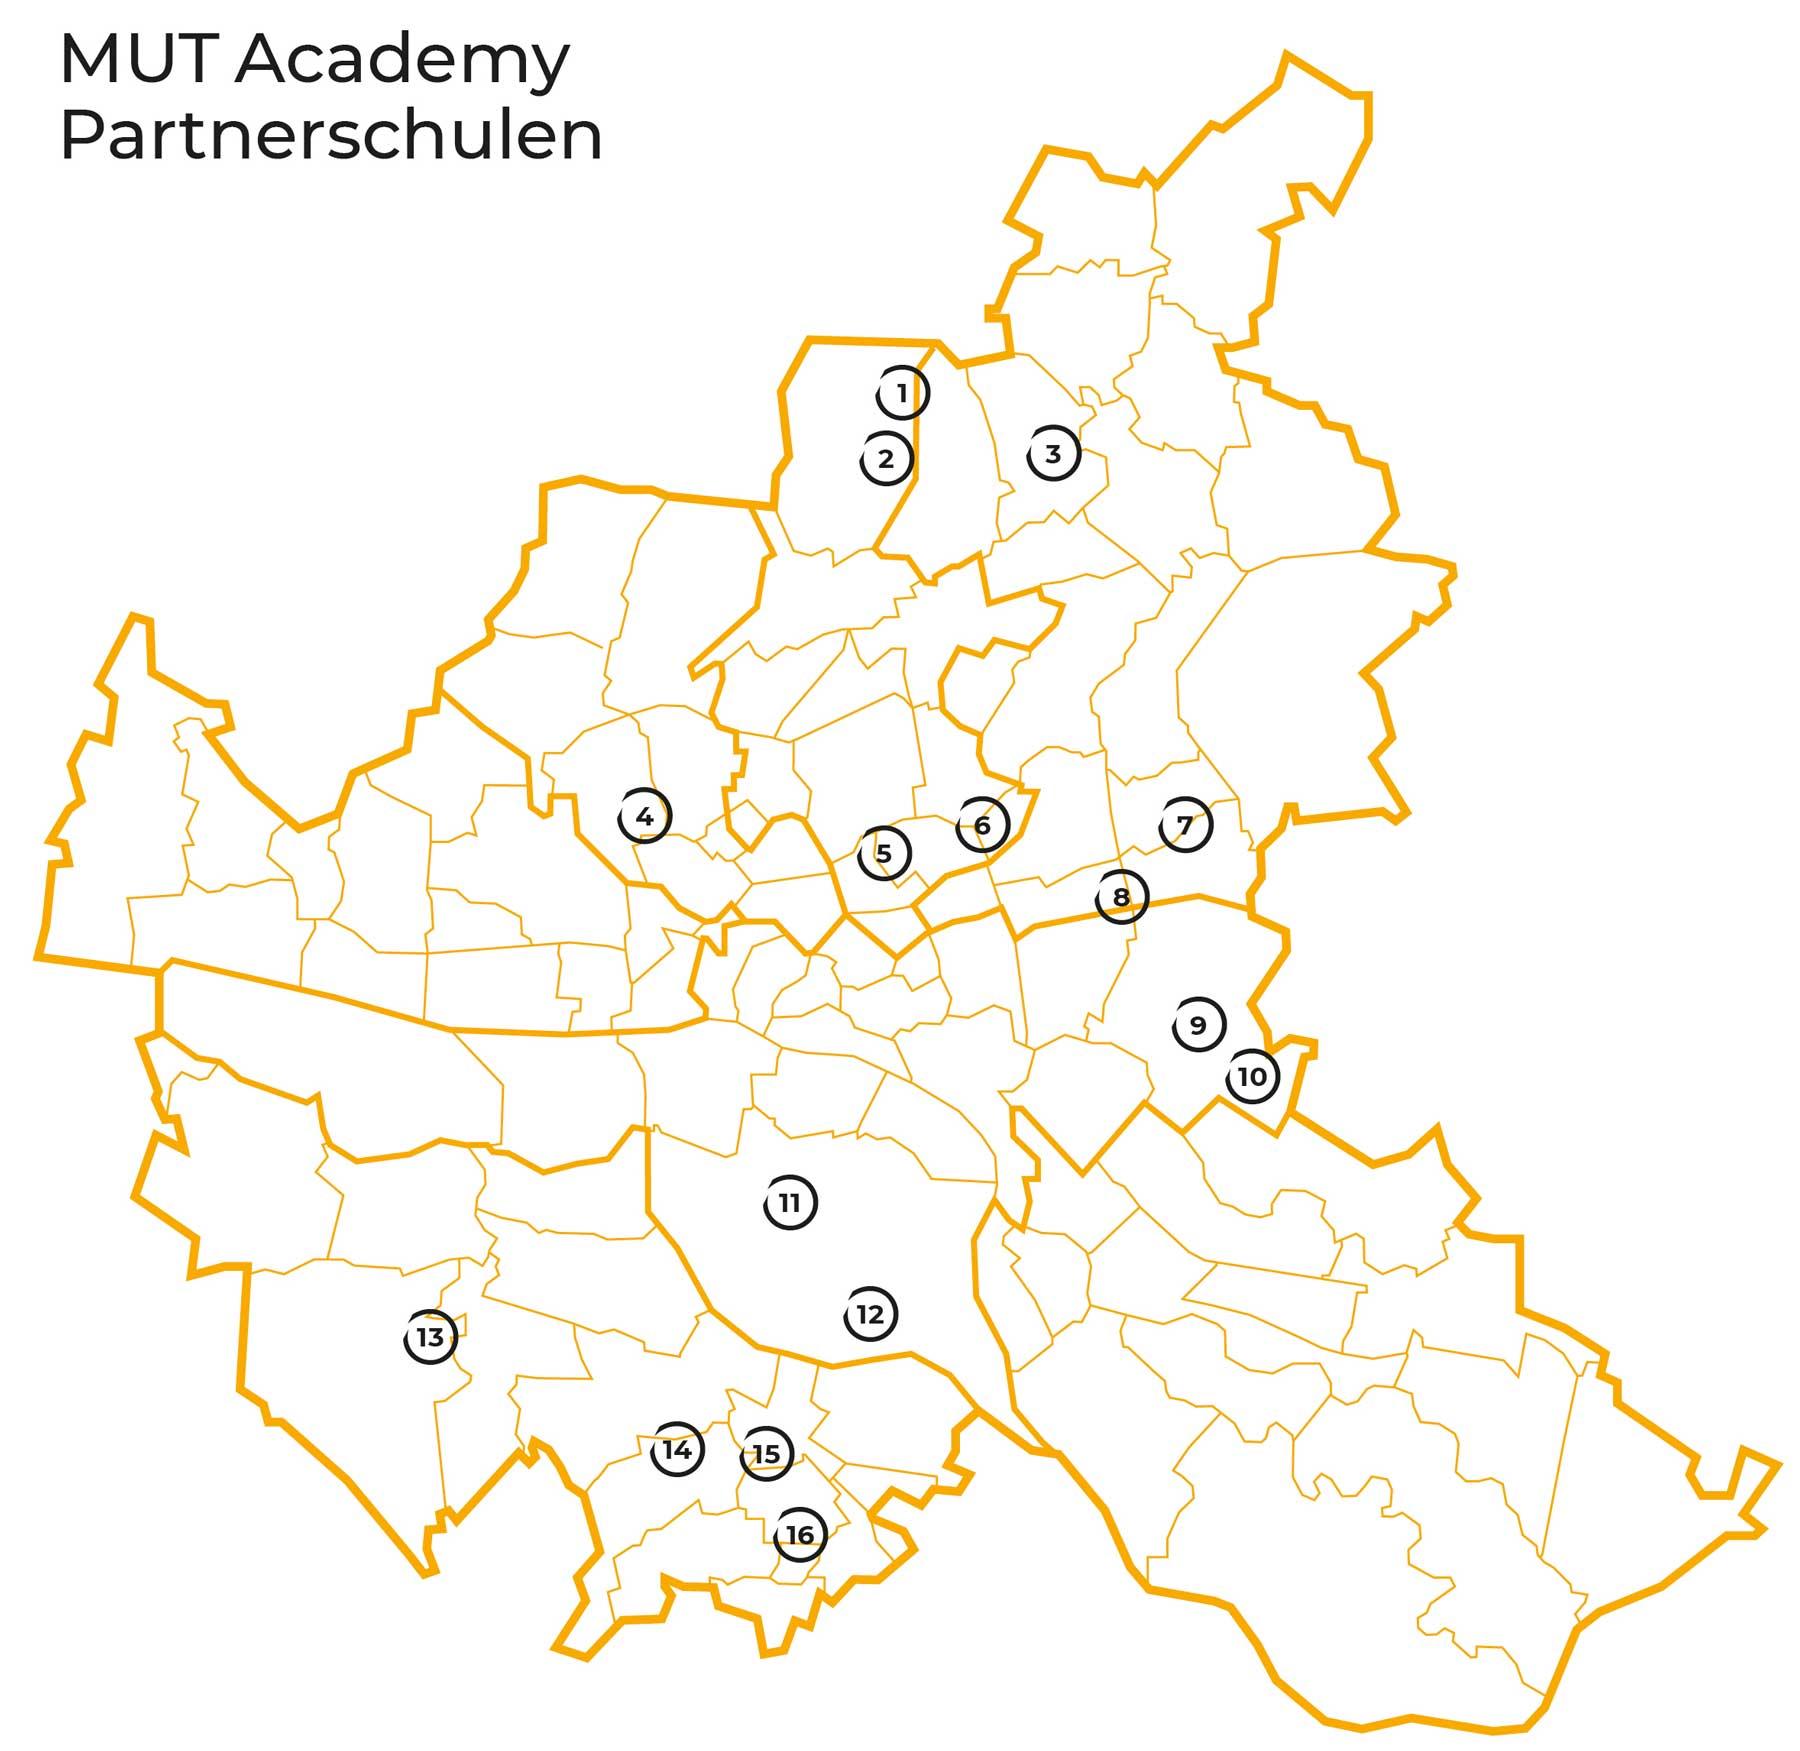 Schulen_MUT